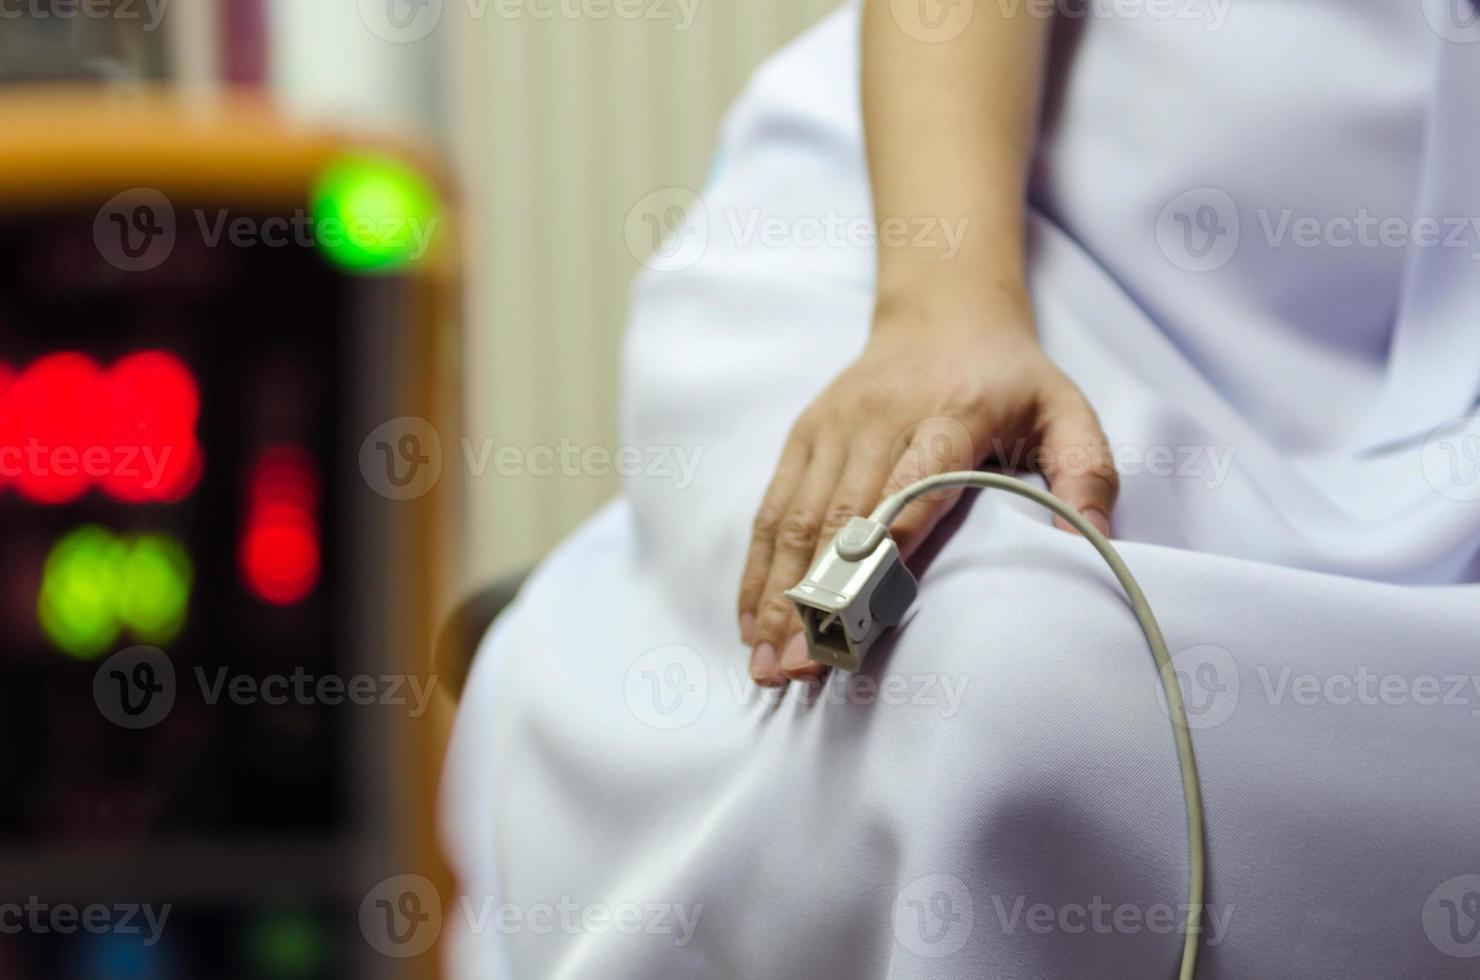 equipo medico y oxigeno foto